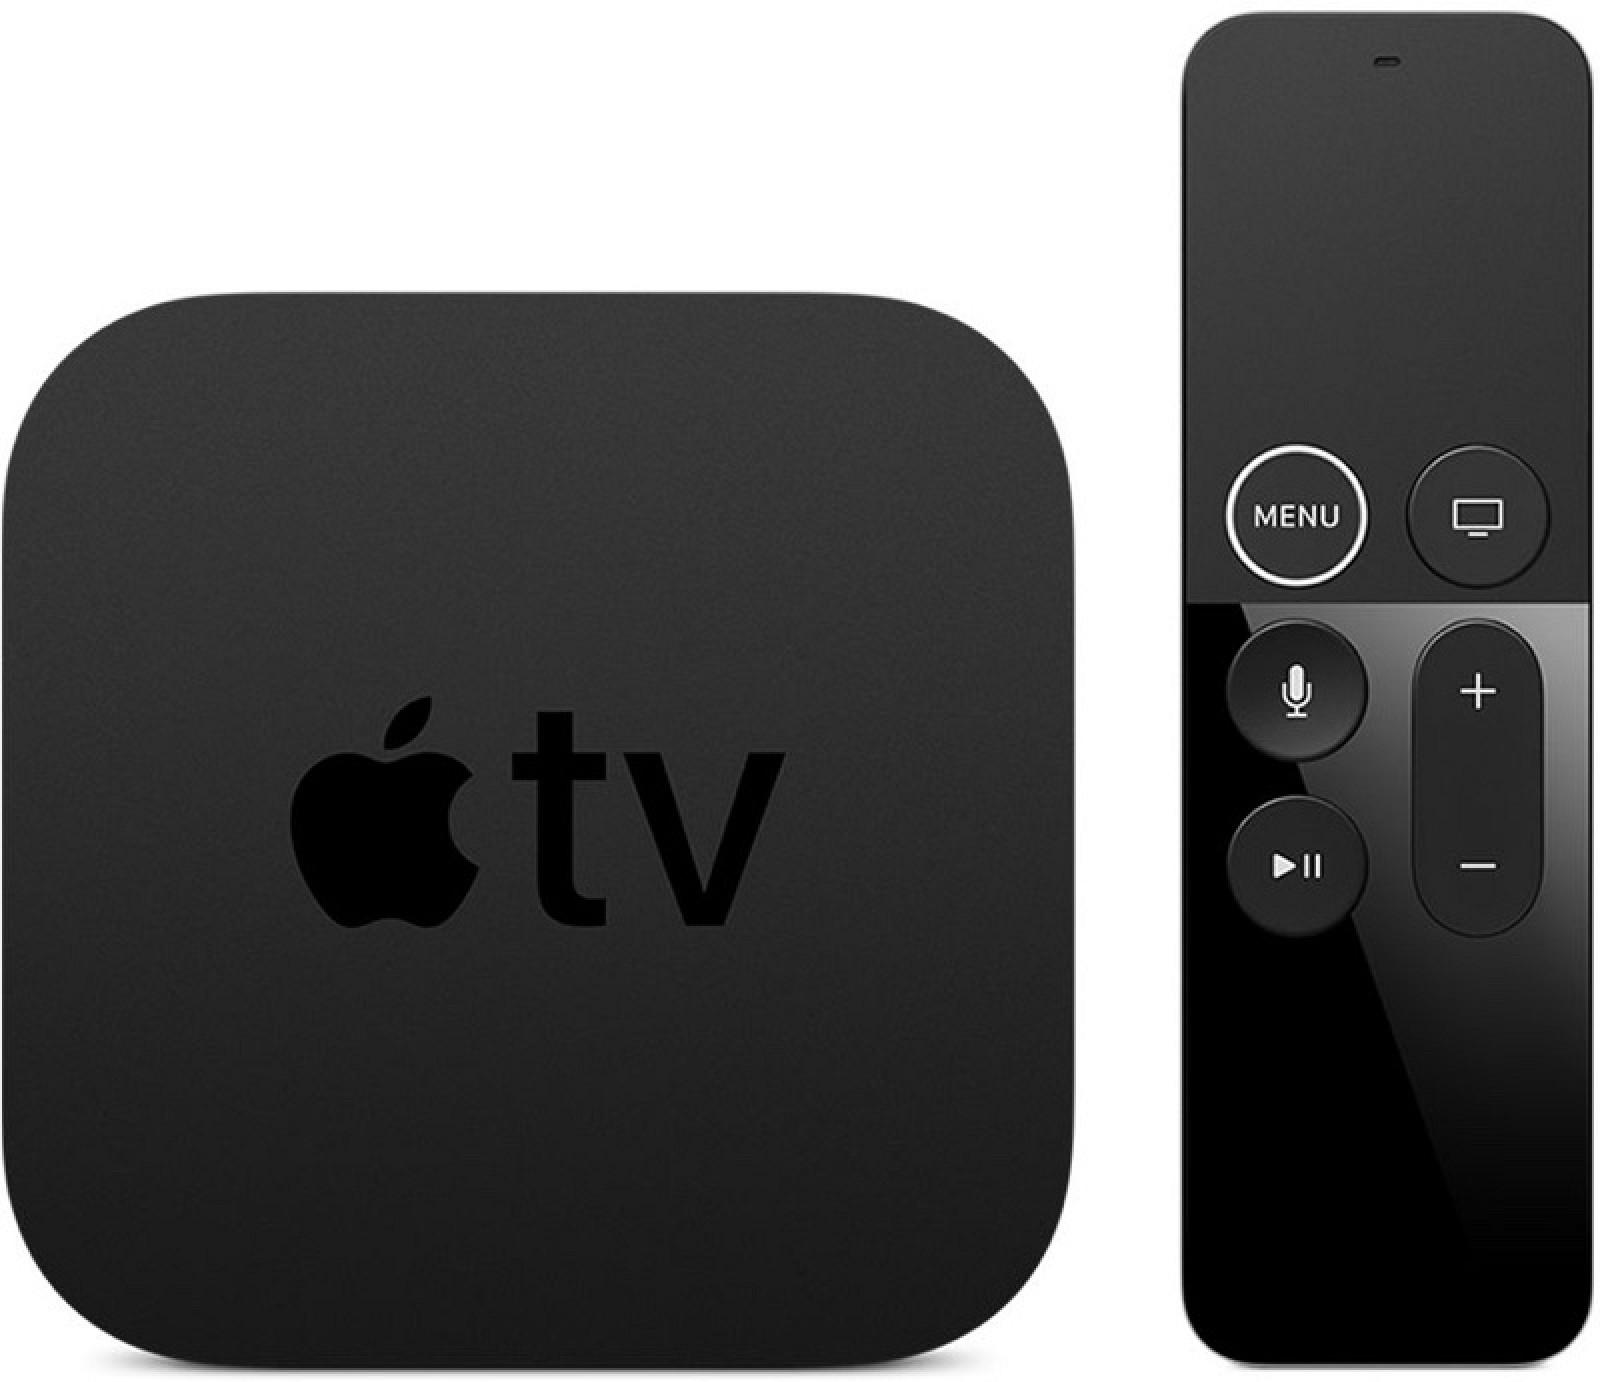 Apple Seeds sexta versión beta de la próxima actualización de tvOS 12.2 para desarrolladores [Update: Public Beta Available]